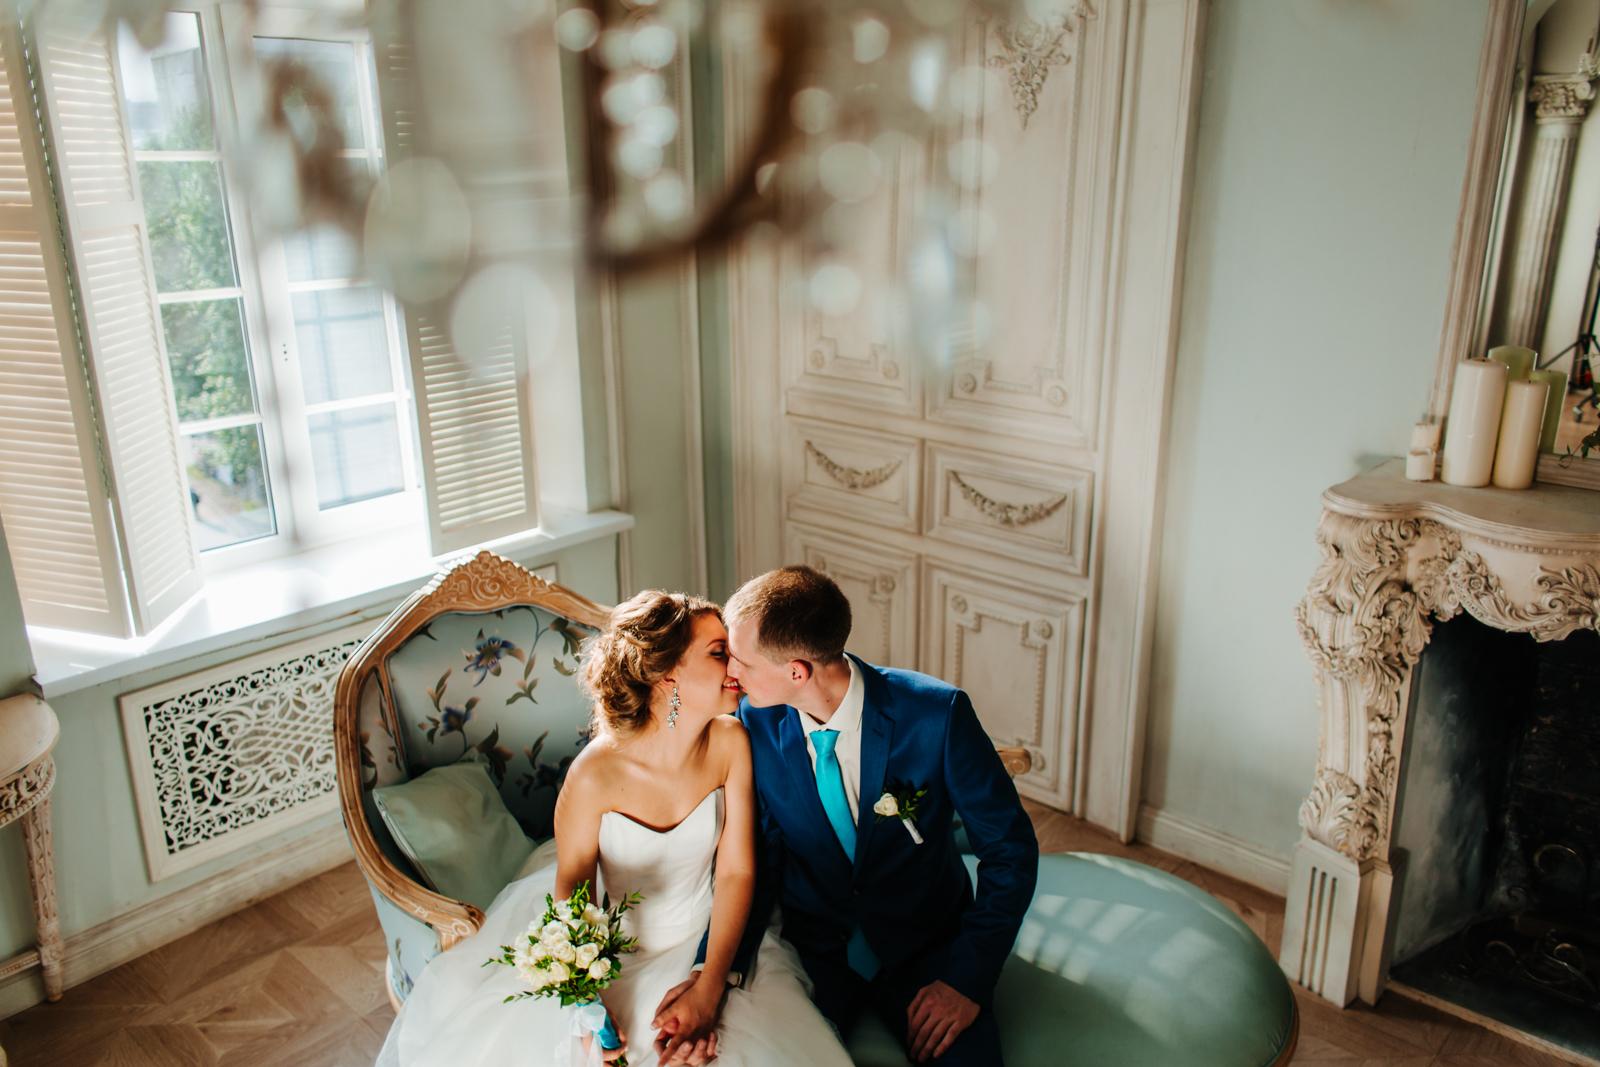 специалистов много нанять фотографа на свадьбу в спб купил